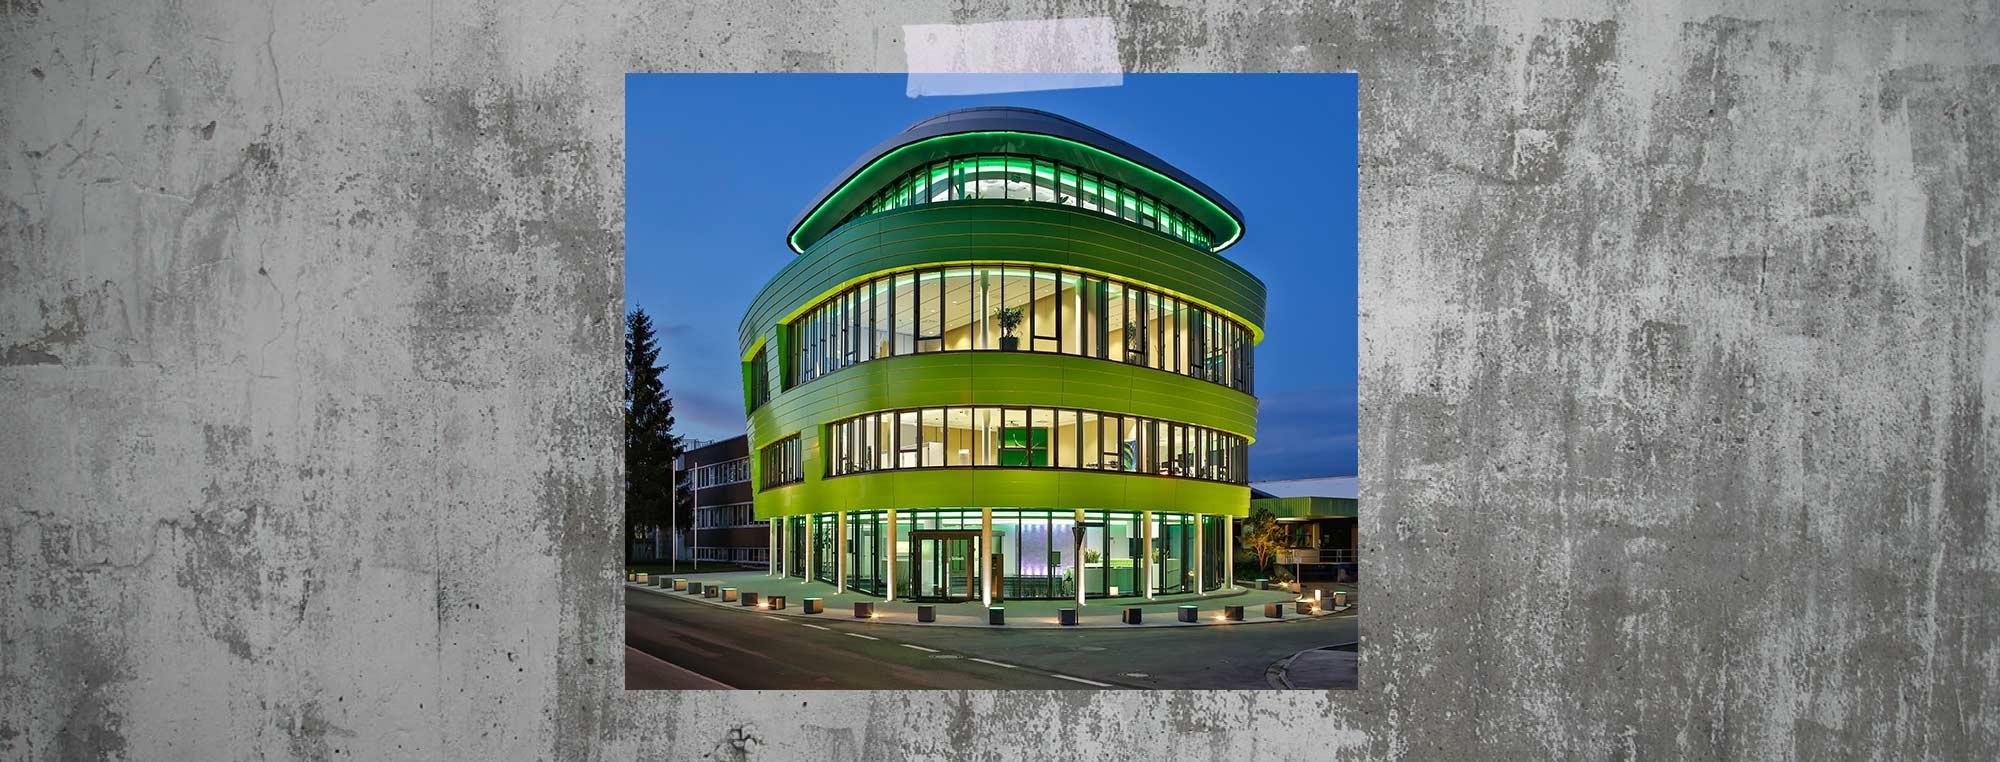 Das Schulungszentrum der Grünbeck Wasseraufbereitungs GmbH in Höchstädt